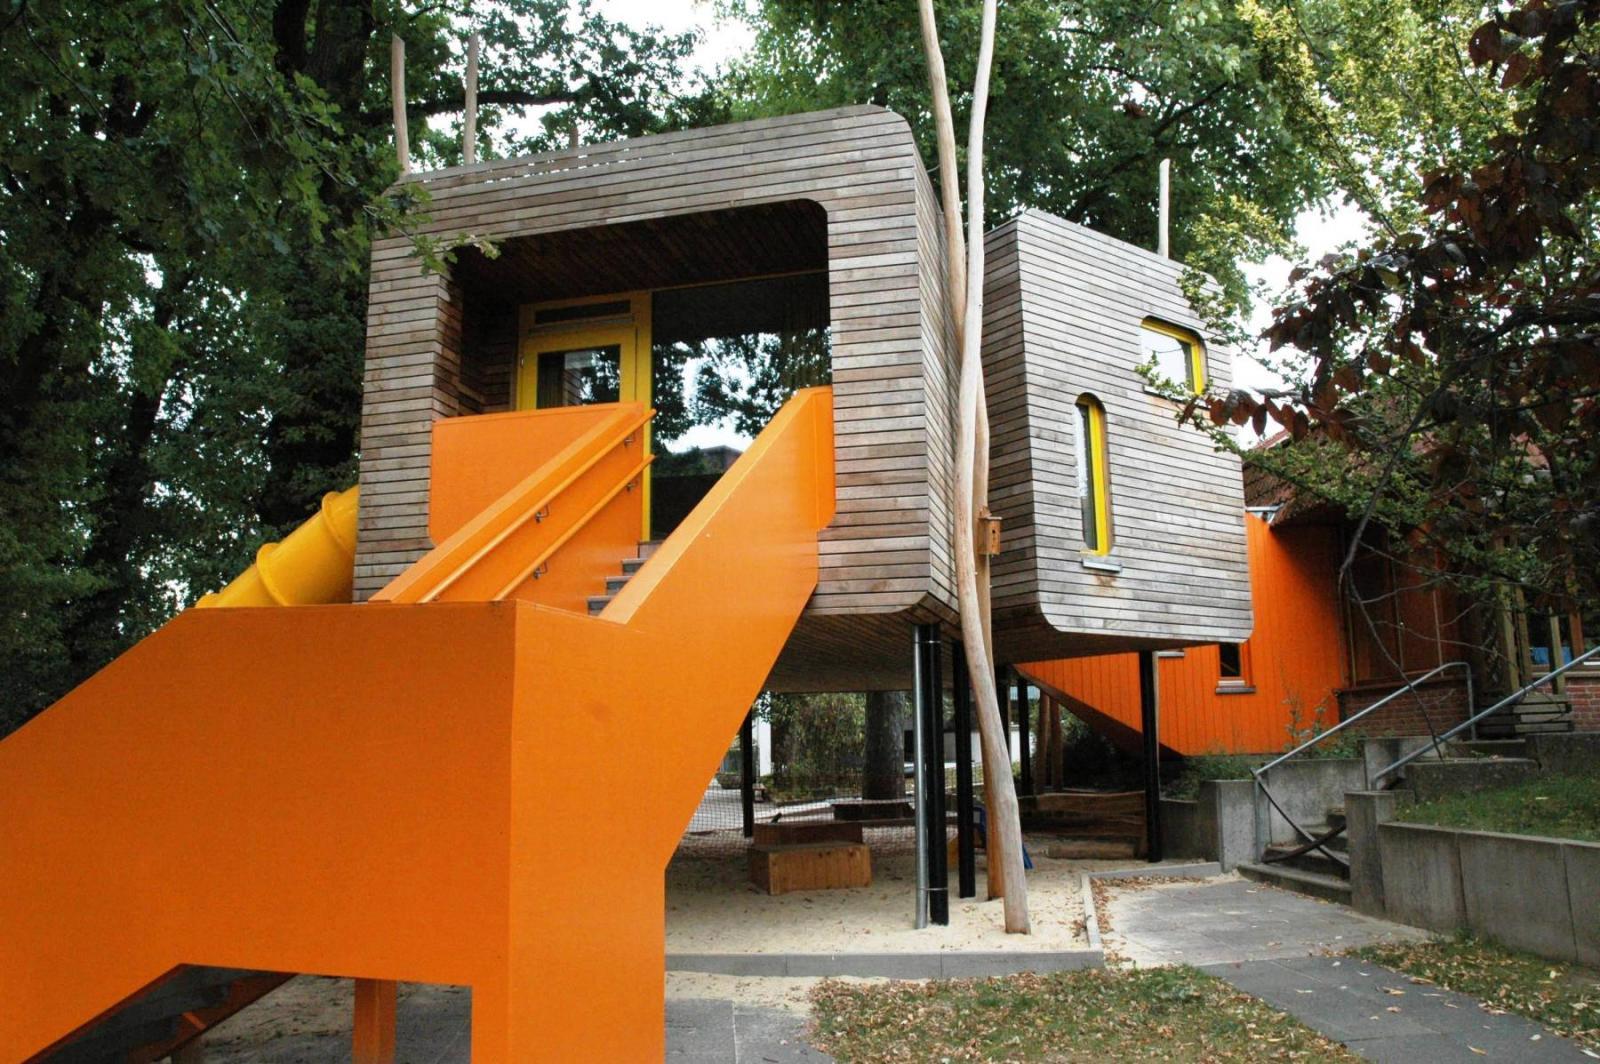 baumhaus der kindertageseinrichtung b nde b nde architektur baukunst nrw. Black Bedroom Furniture Sets. Home Design Ideas